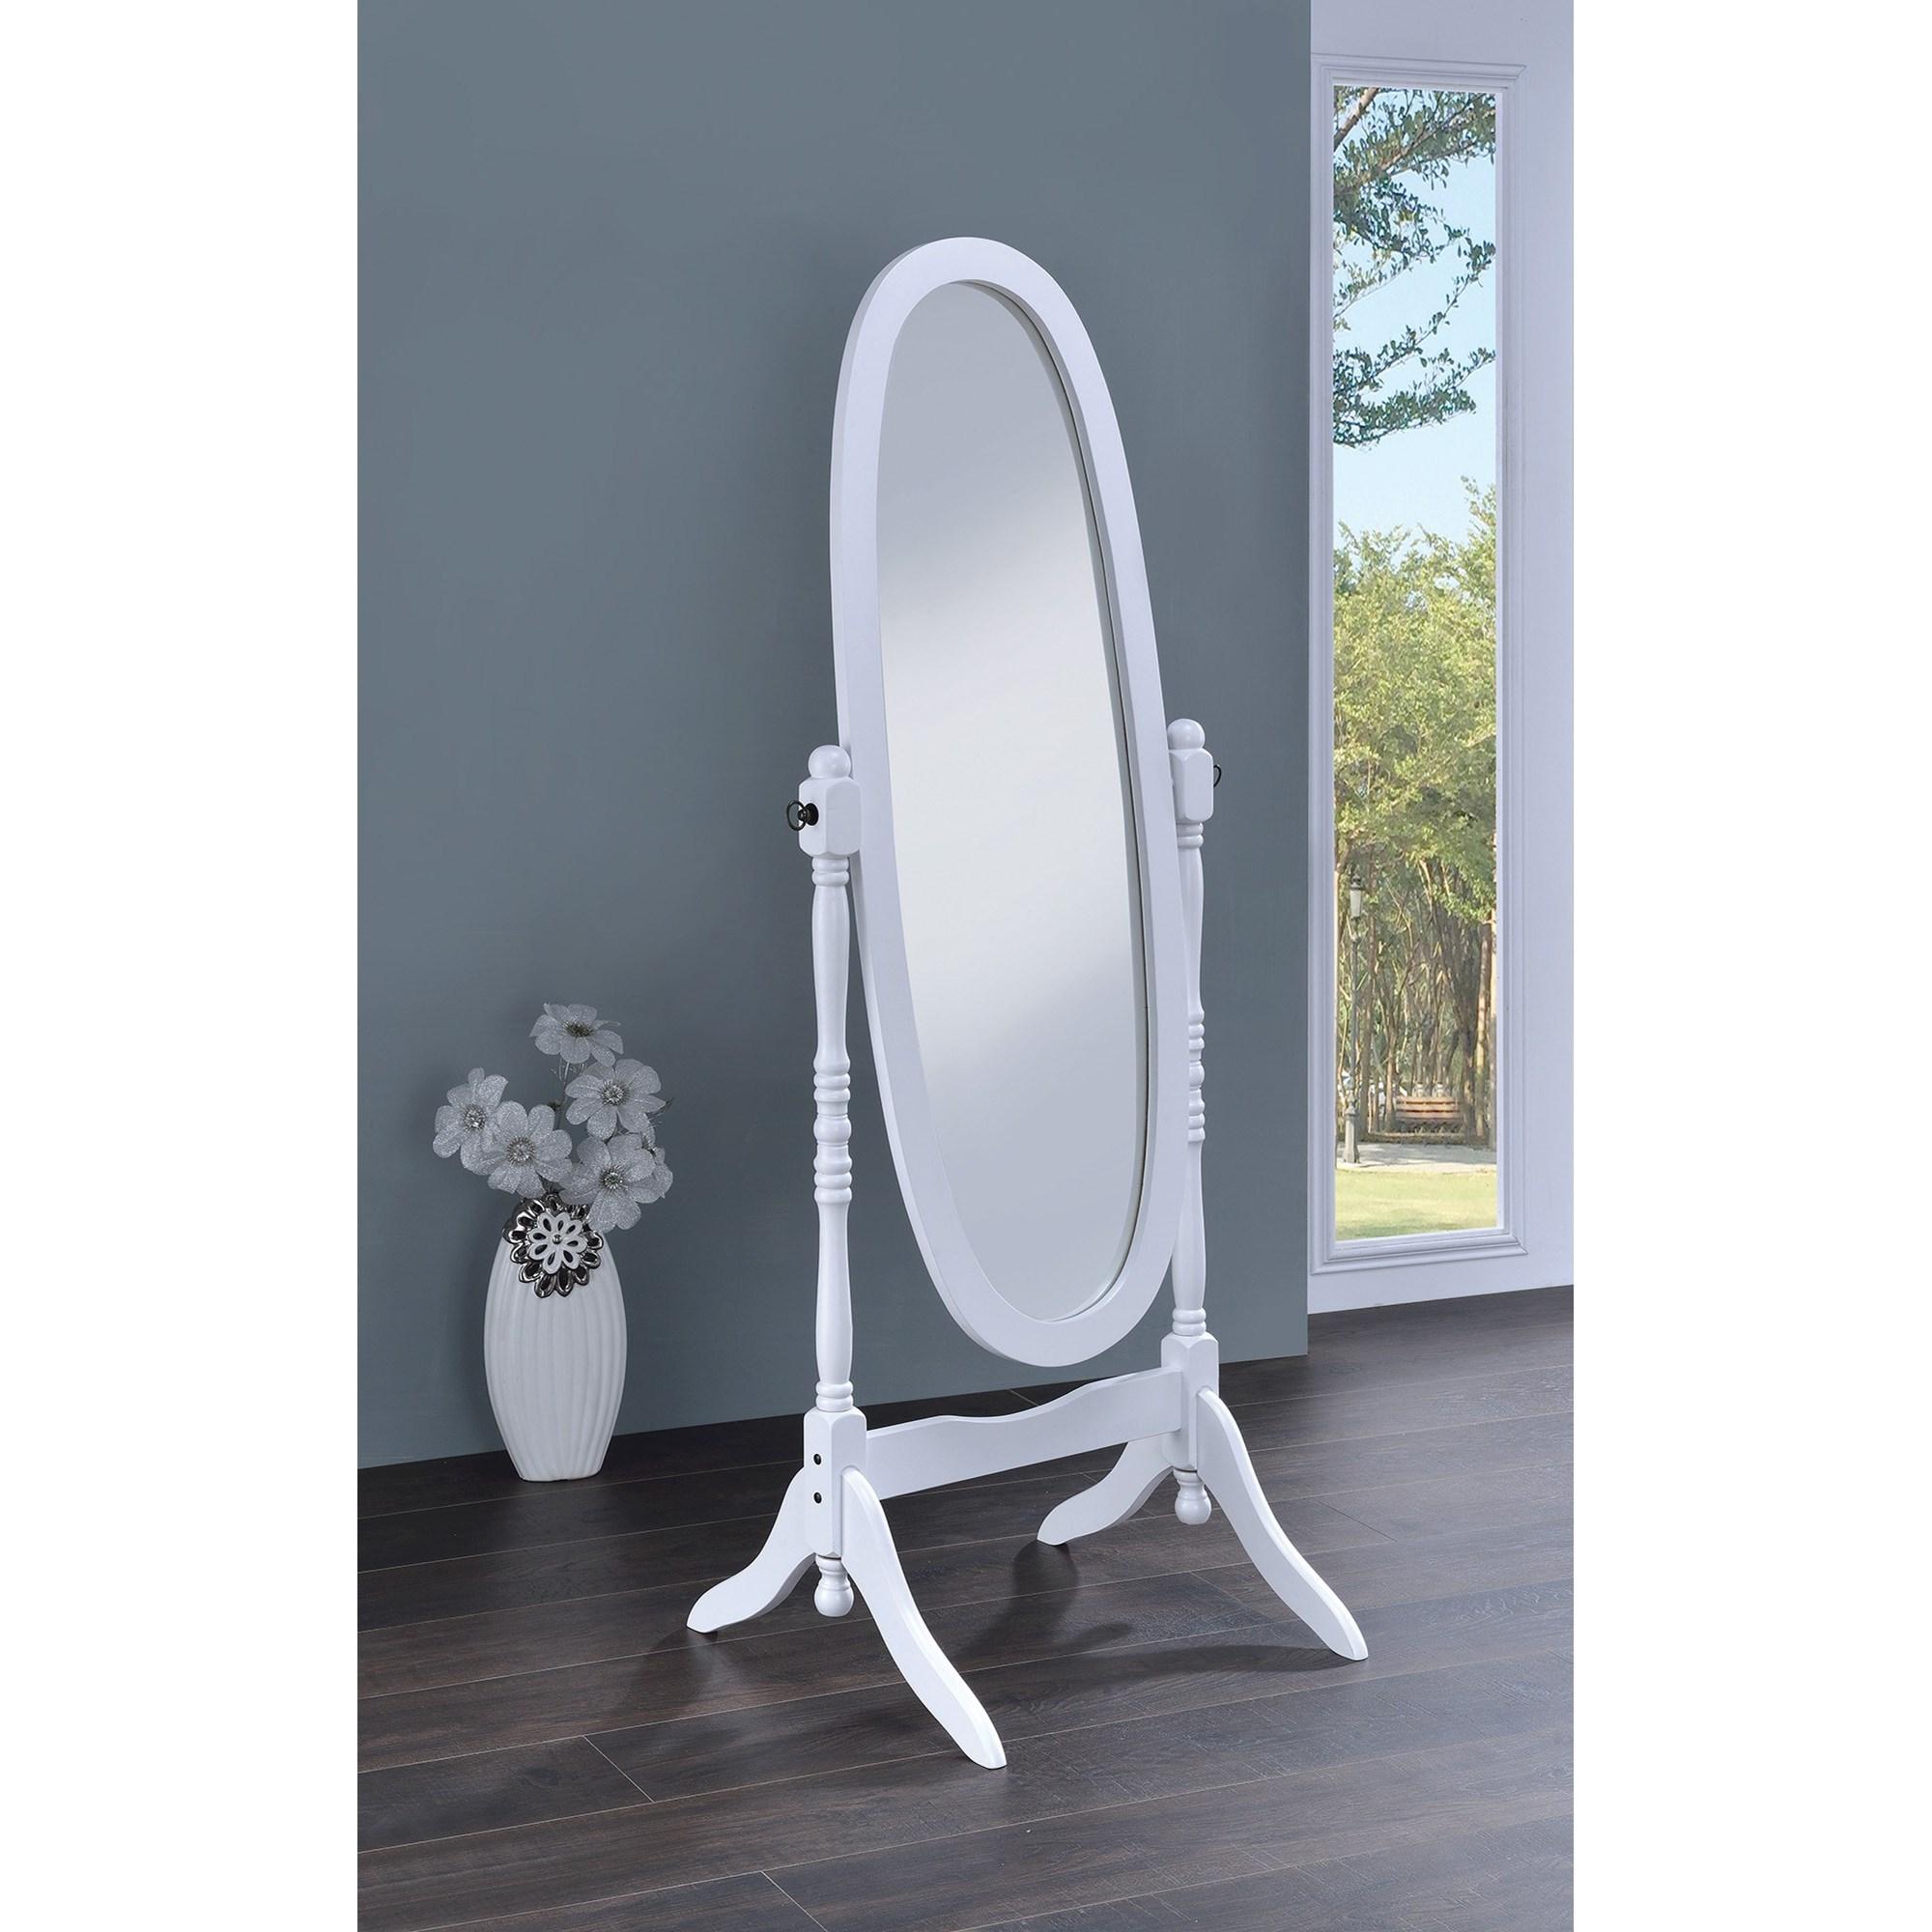 Coaster Accent Mirrors 950802 Cheval Oval Mirror Sam